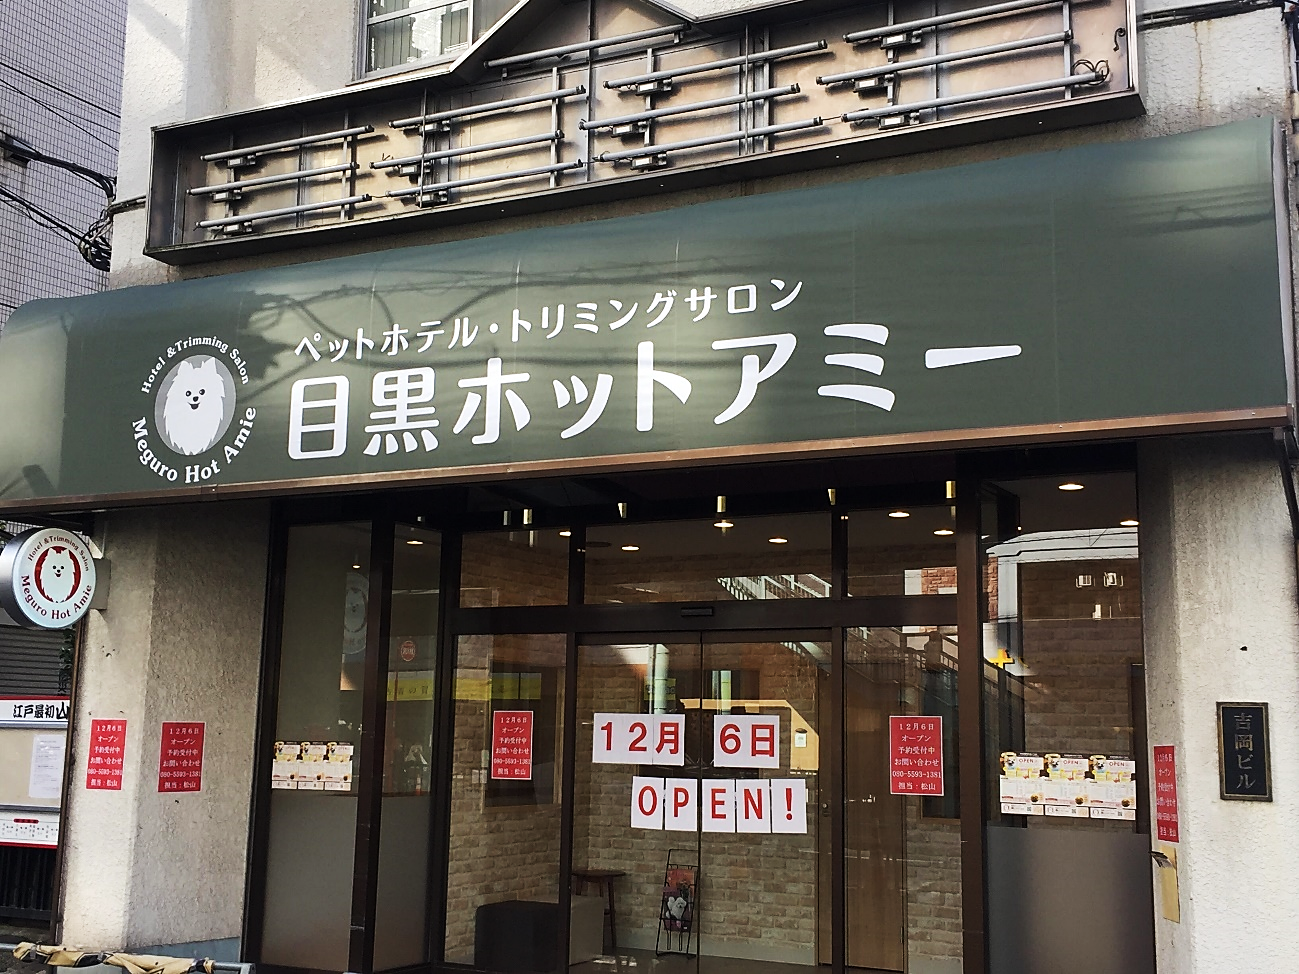 目黒ホットアミー12月6日OPEN